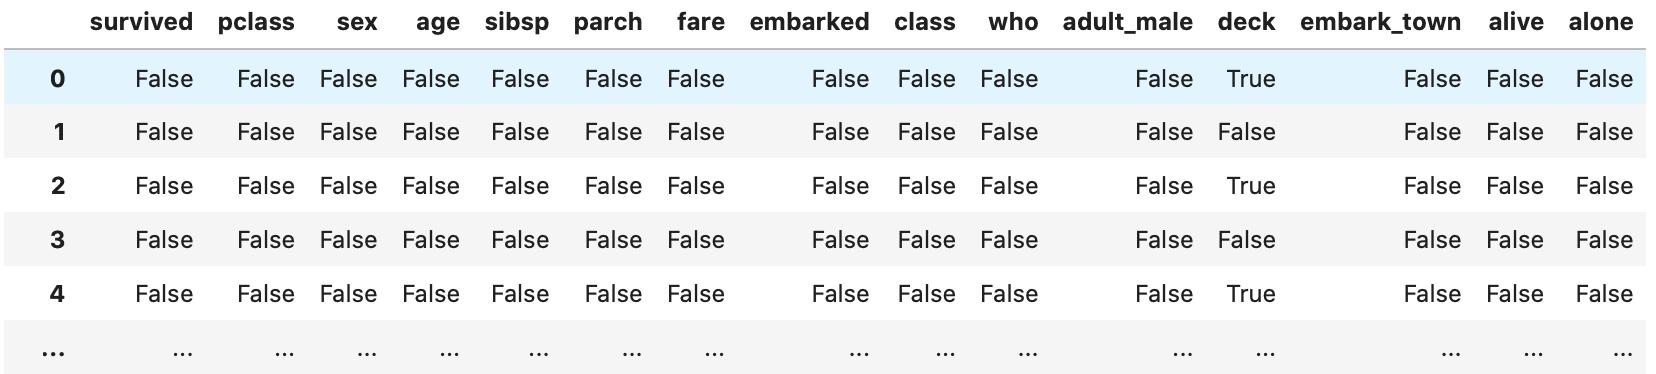 pandasで欠損値(NaN)数を確認、削除、置換する方法  isnull()メソッドを利用して、NaNを含む行や列を抽出し、要素が欠損値かどうかを判定した表